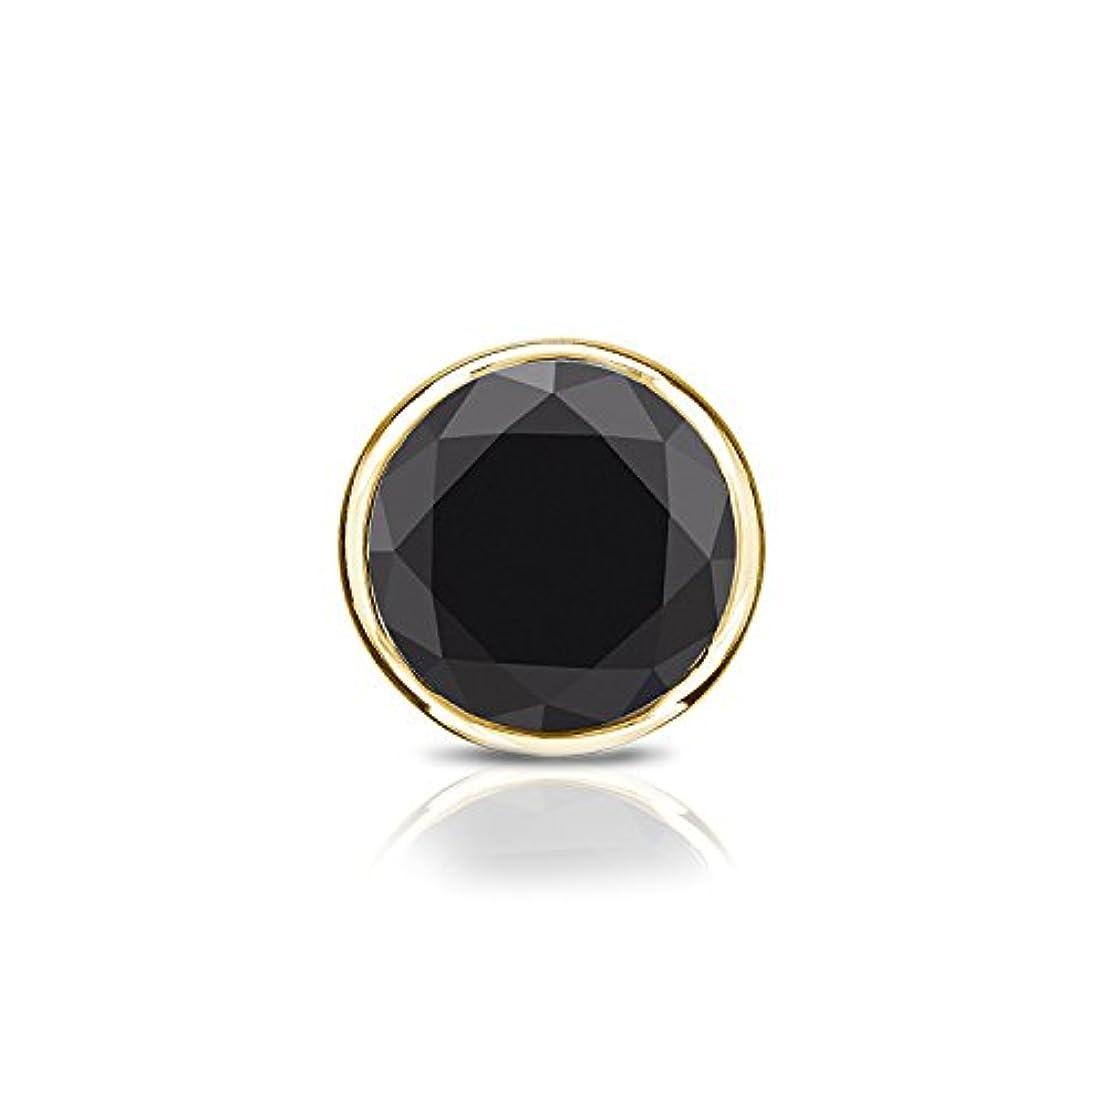 例示する言及する覆す18 Kイエローゴールドbezel-setラウンドブラックダイヤモンドシングルスタッドイヤリング( 1 / 4 – 2 ct、ブラック) screw-back